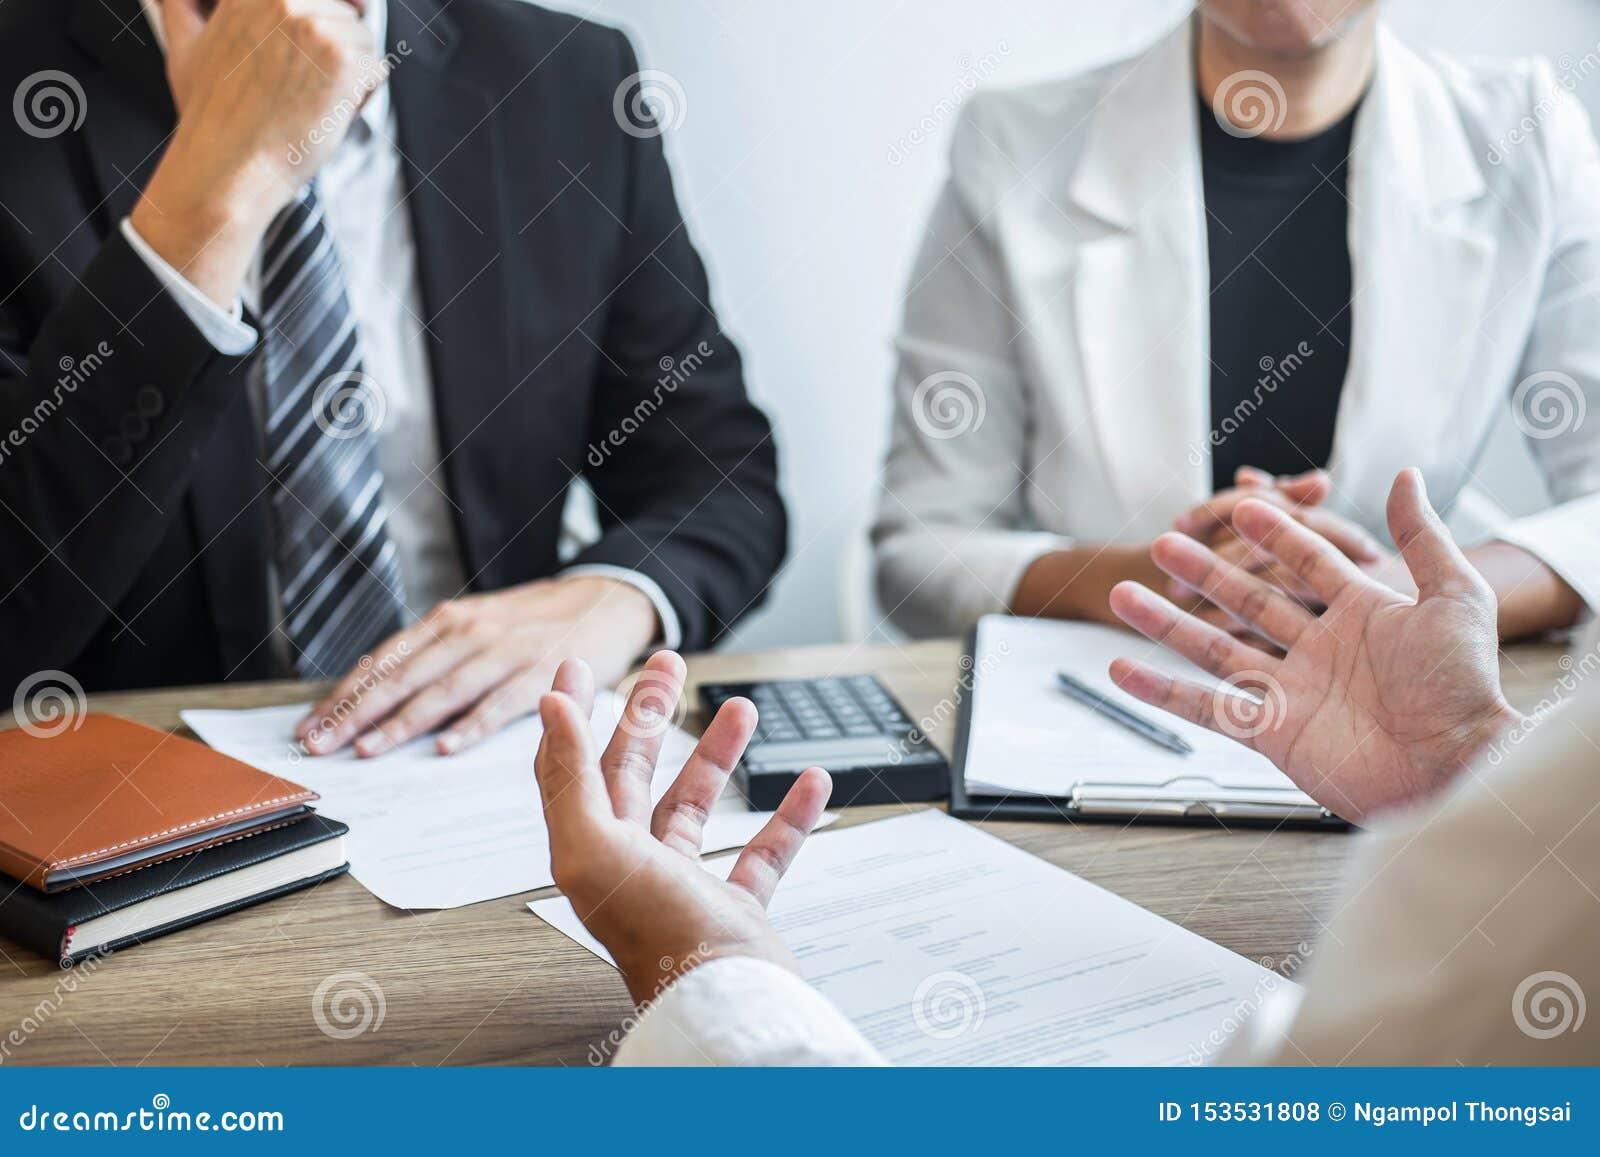 Werkgever of recruiter de holding die een samenvatting met het spreken lezen tijdens ongeveer zijn profiel van kandidaat, werkgev